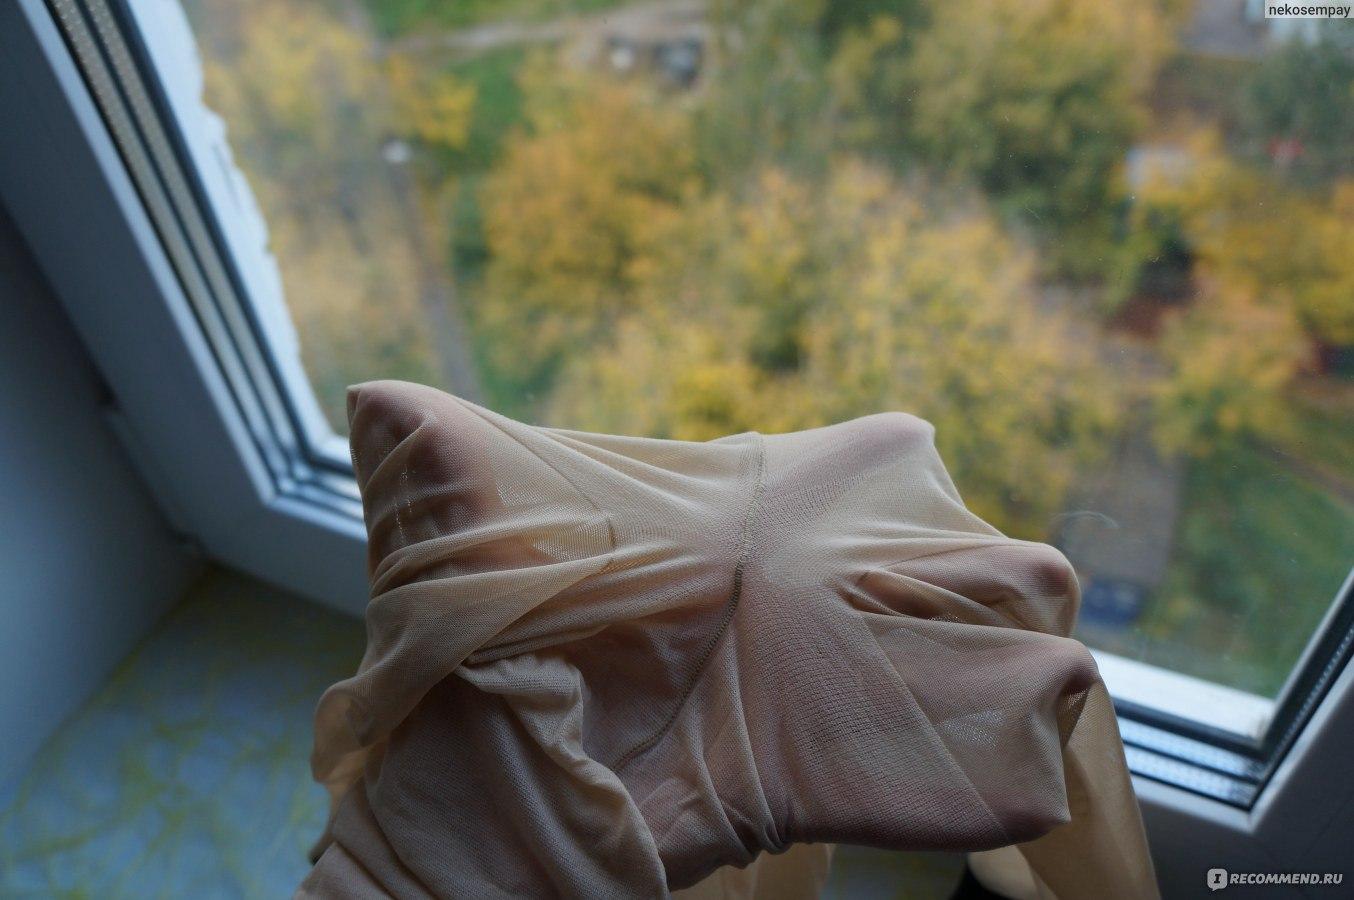 Трусы видна через капронывых калгодках 9 фотография